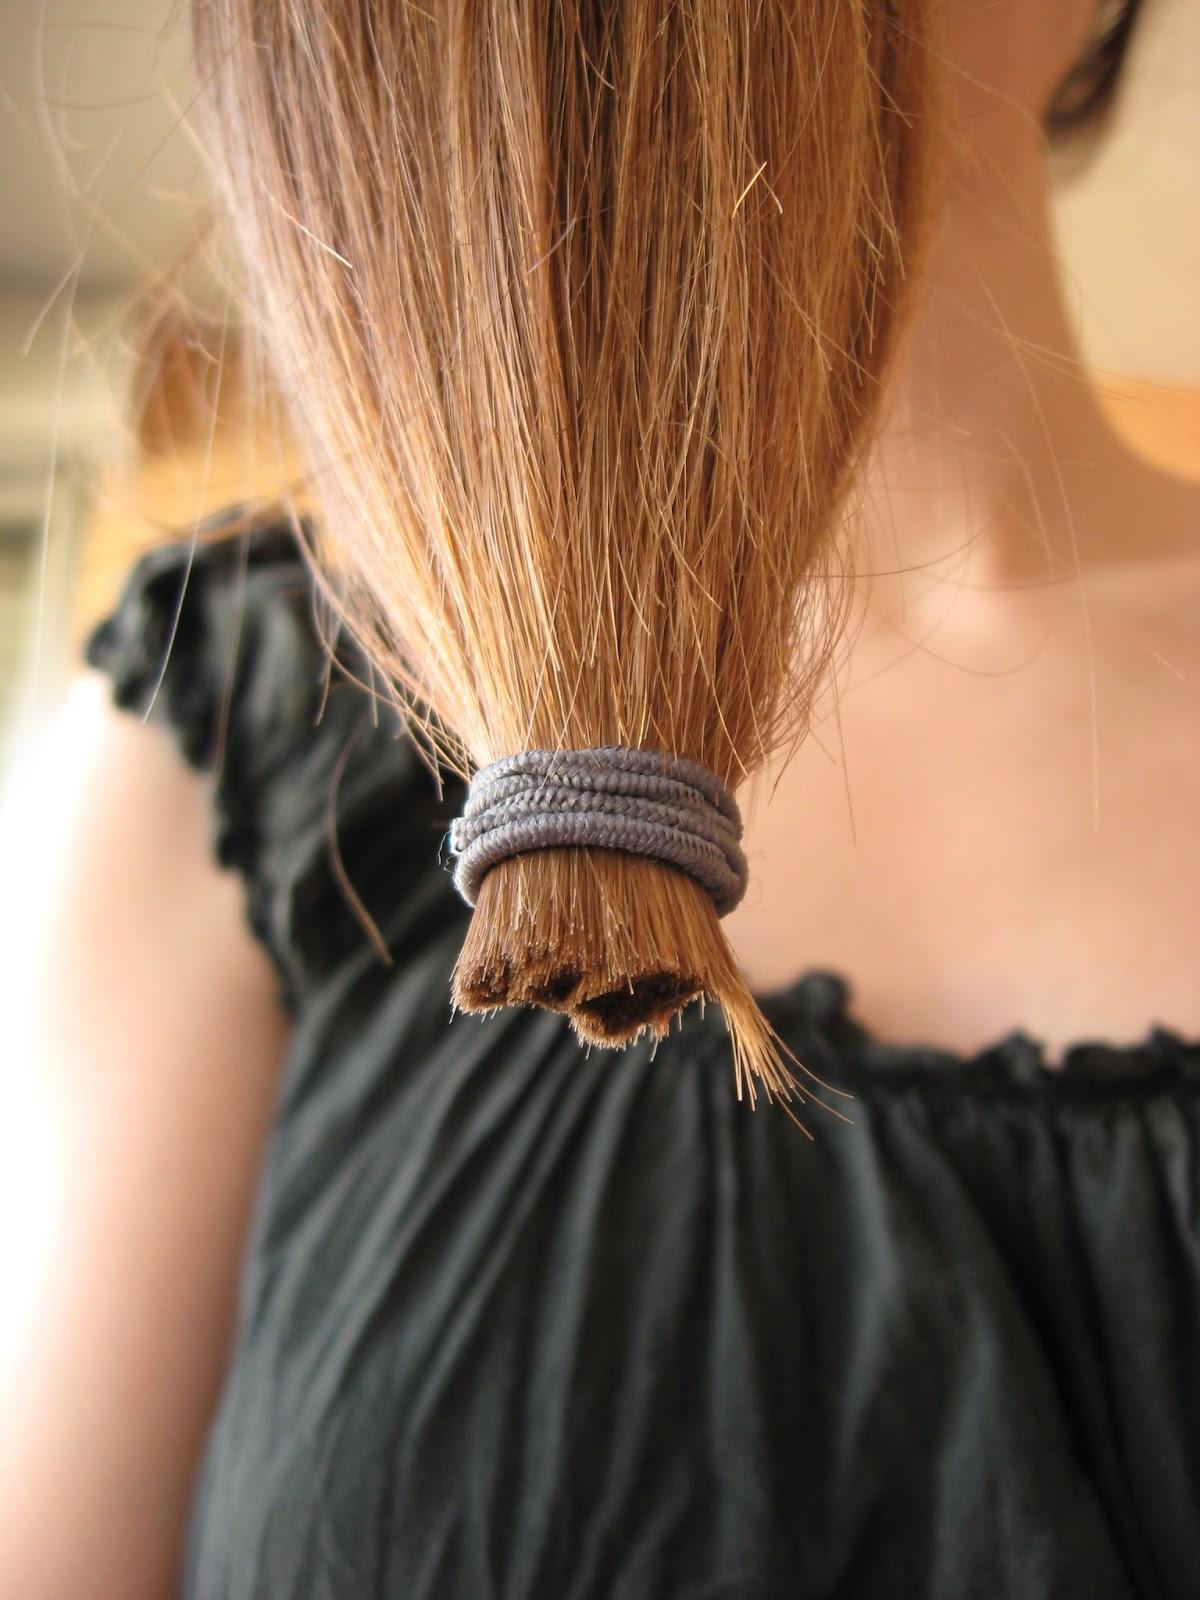 Comment desepaissir mes cheveux longs